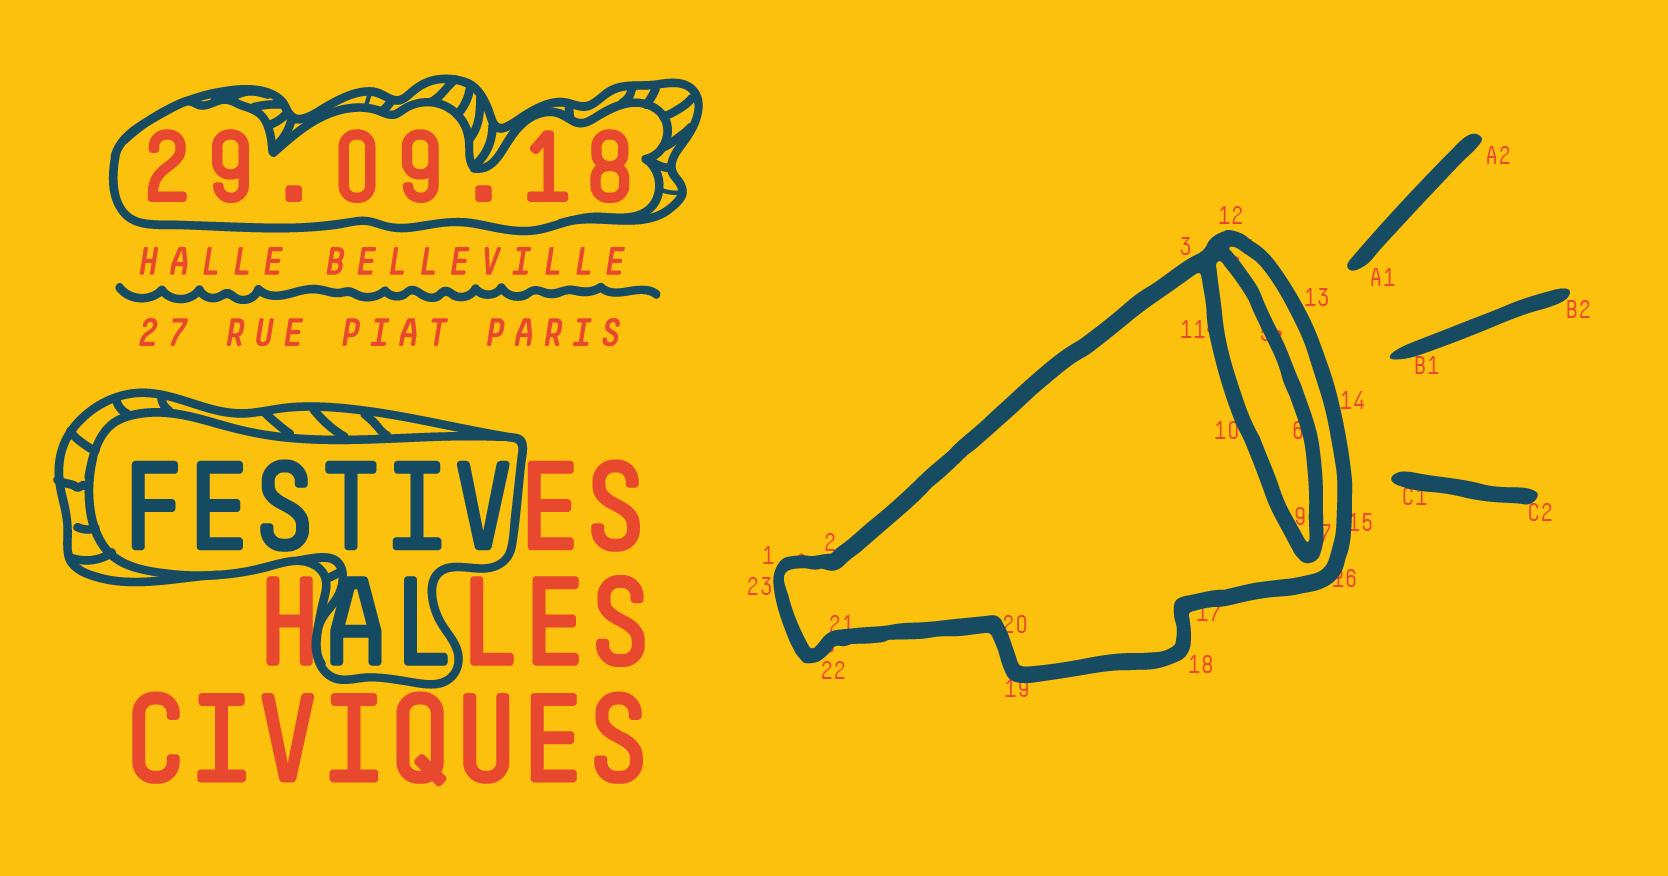 Festives Halles Civiques